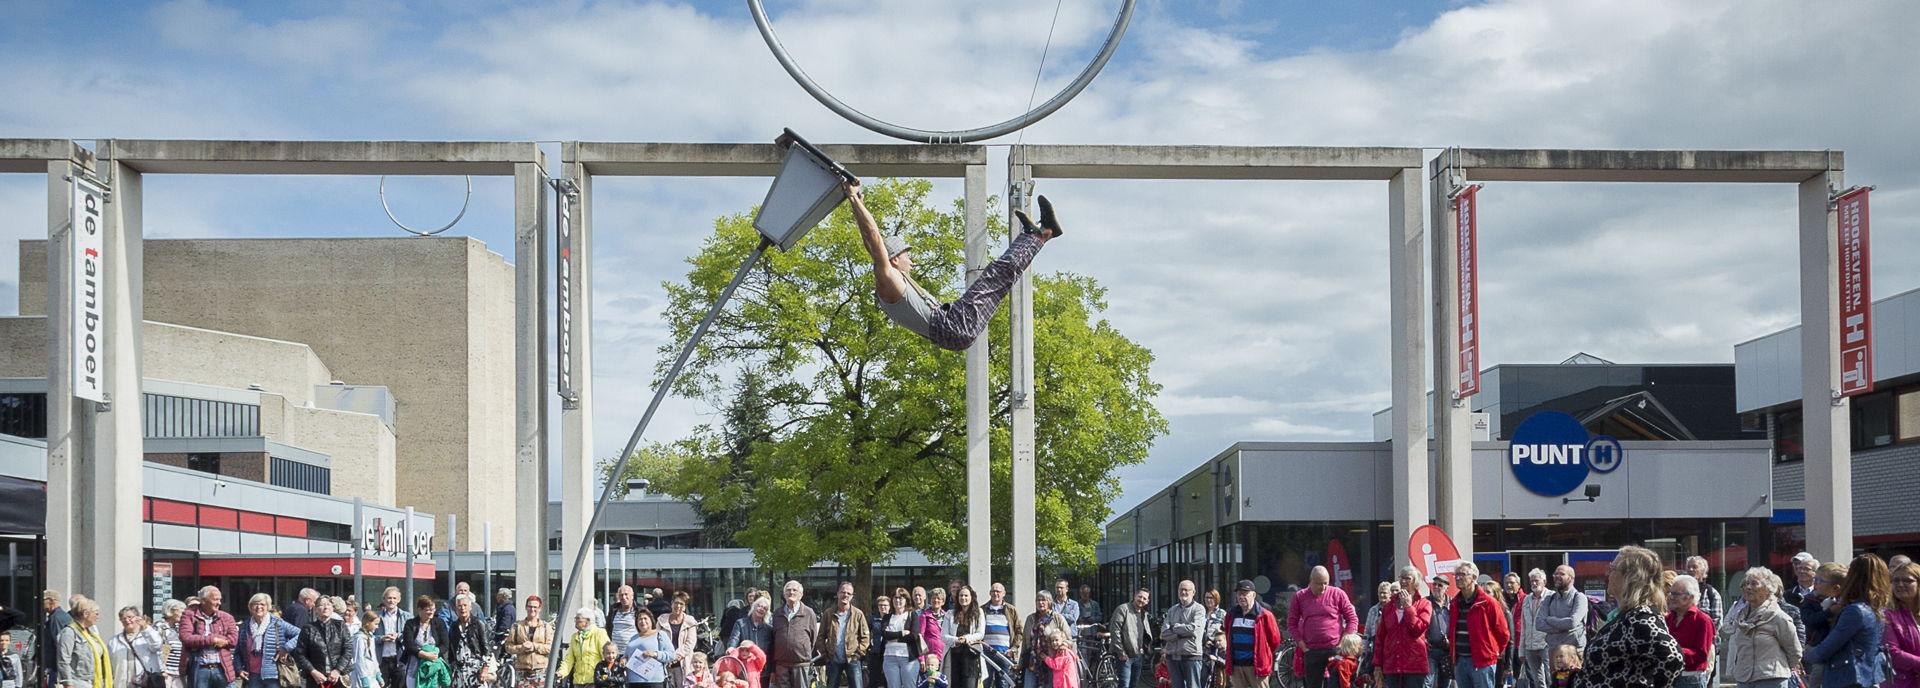 De Vrienden van De Tamboer leveren jaarlijks een bijdrage aan de programmering van het theater, bijvoorbeeld op het culturele openingsfestival Uitdagend Hoogeveen.